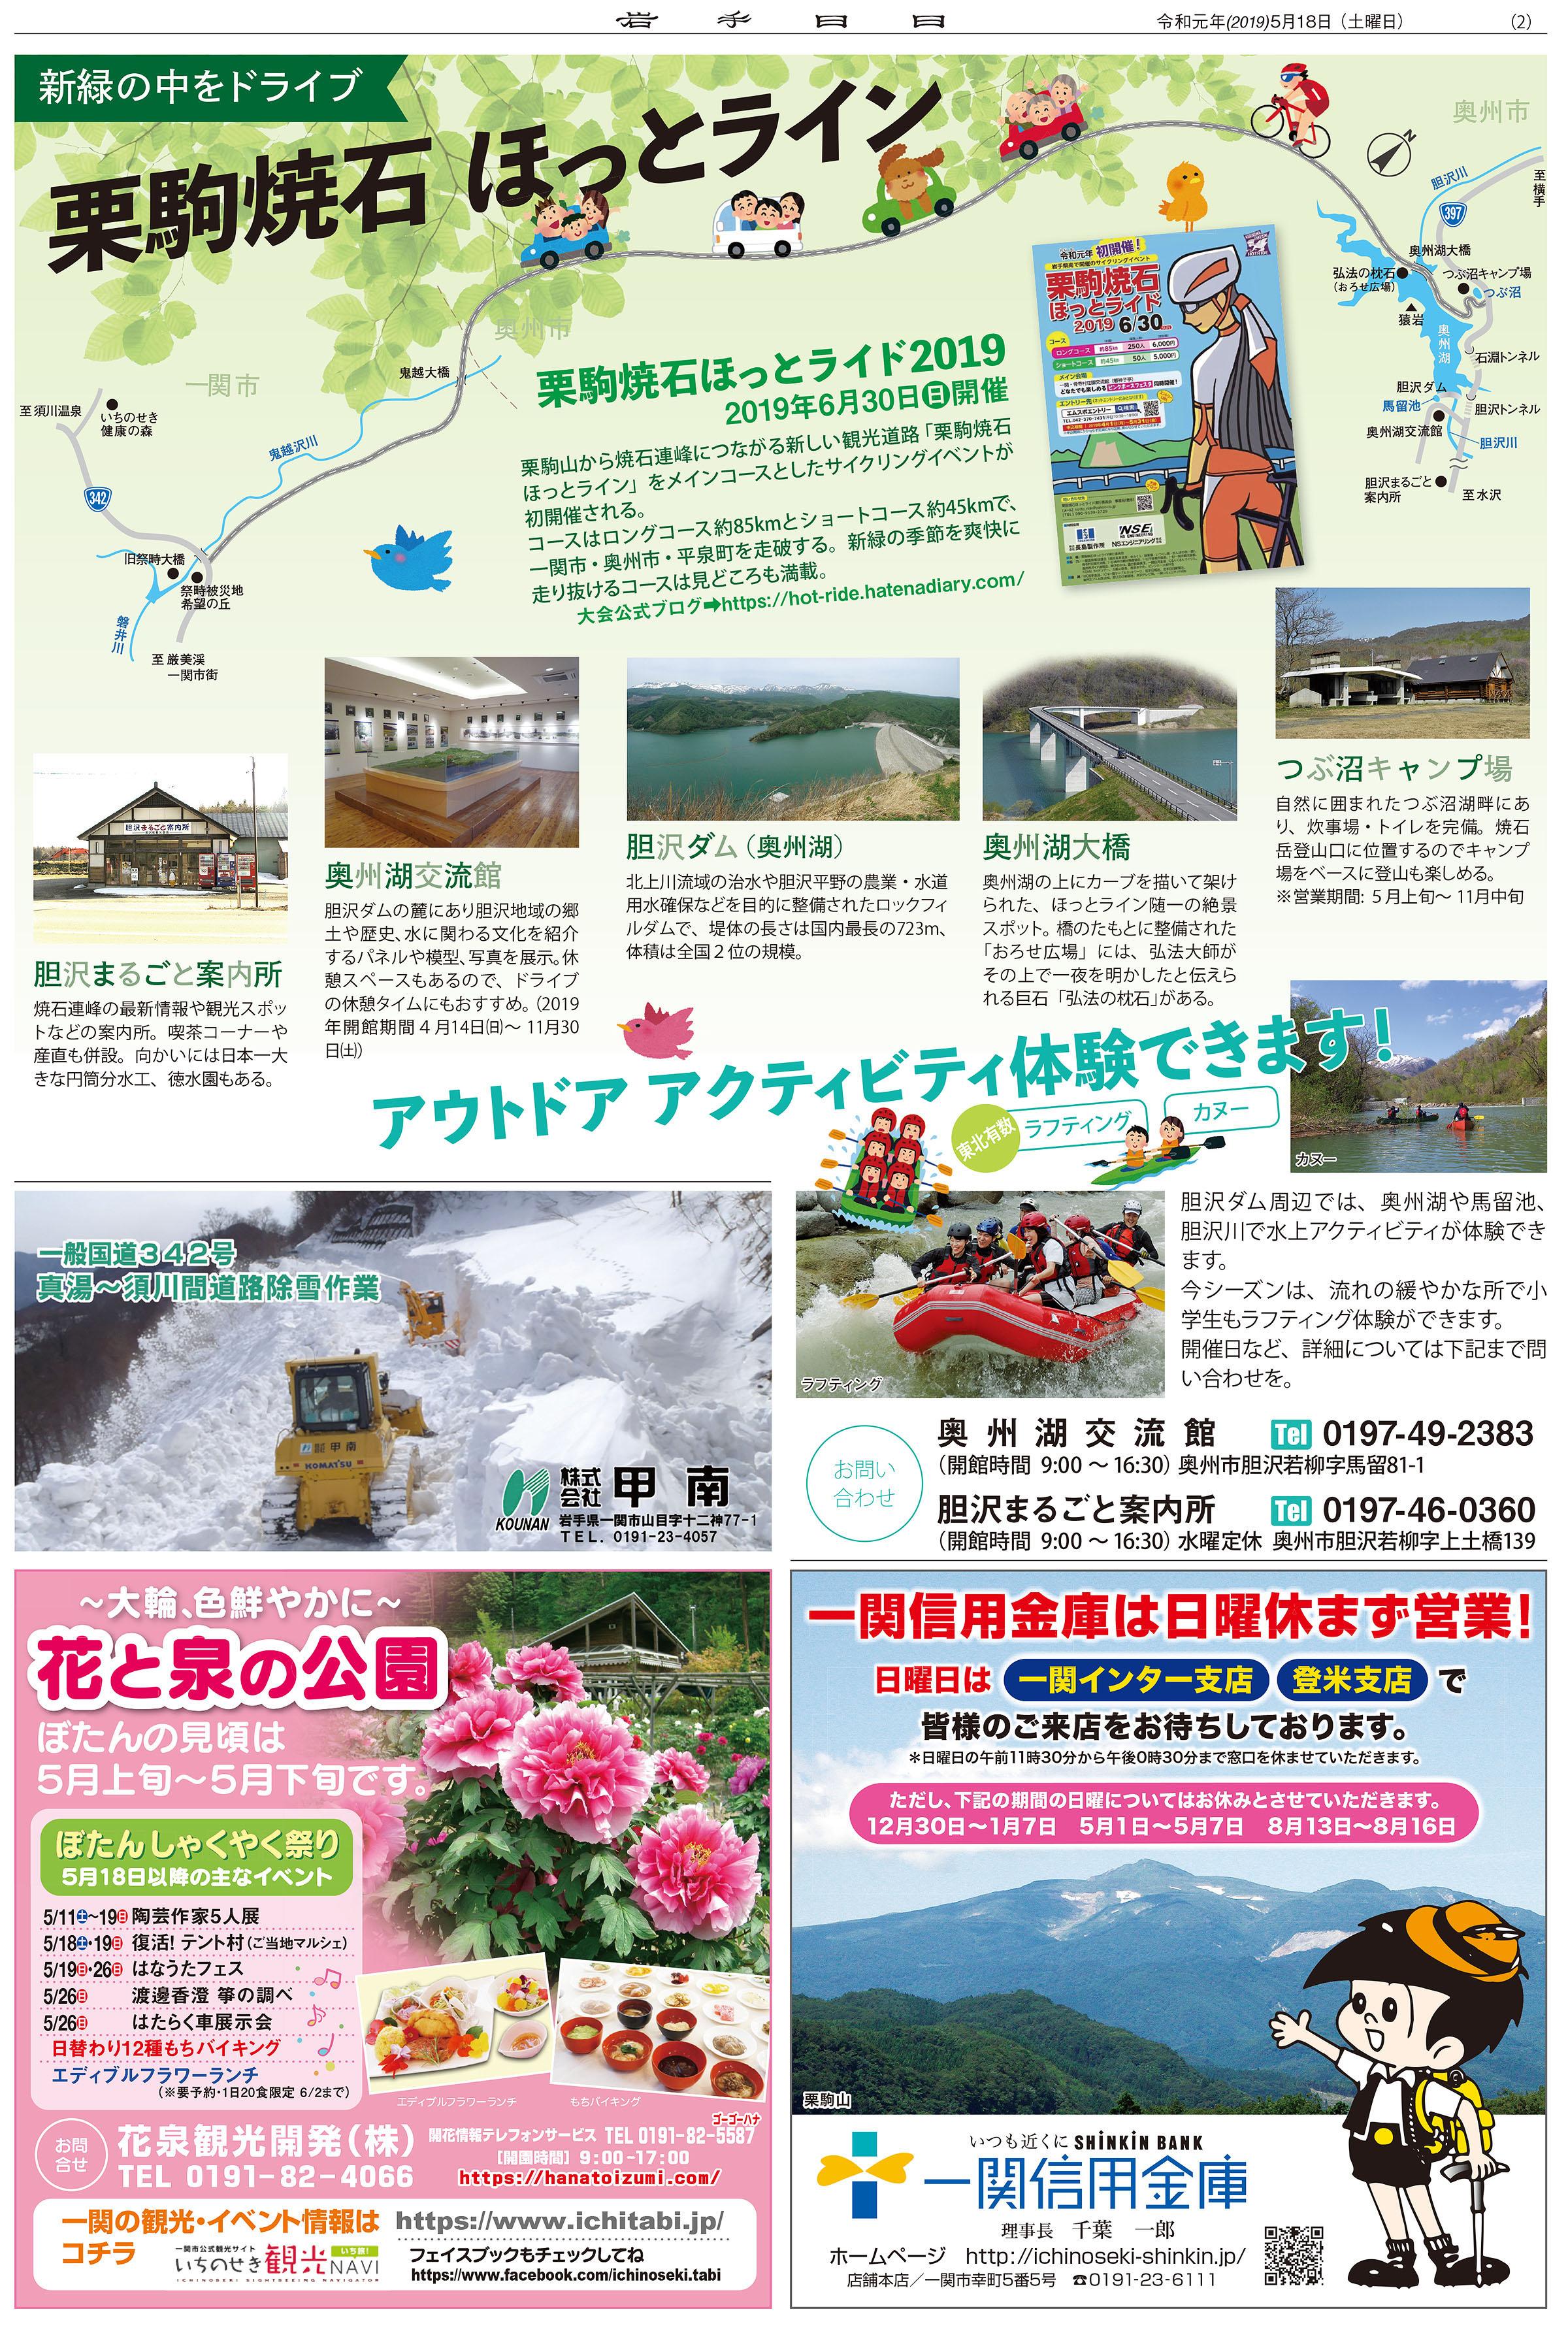 栗駒国定公園観光ガイド2019